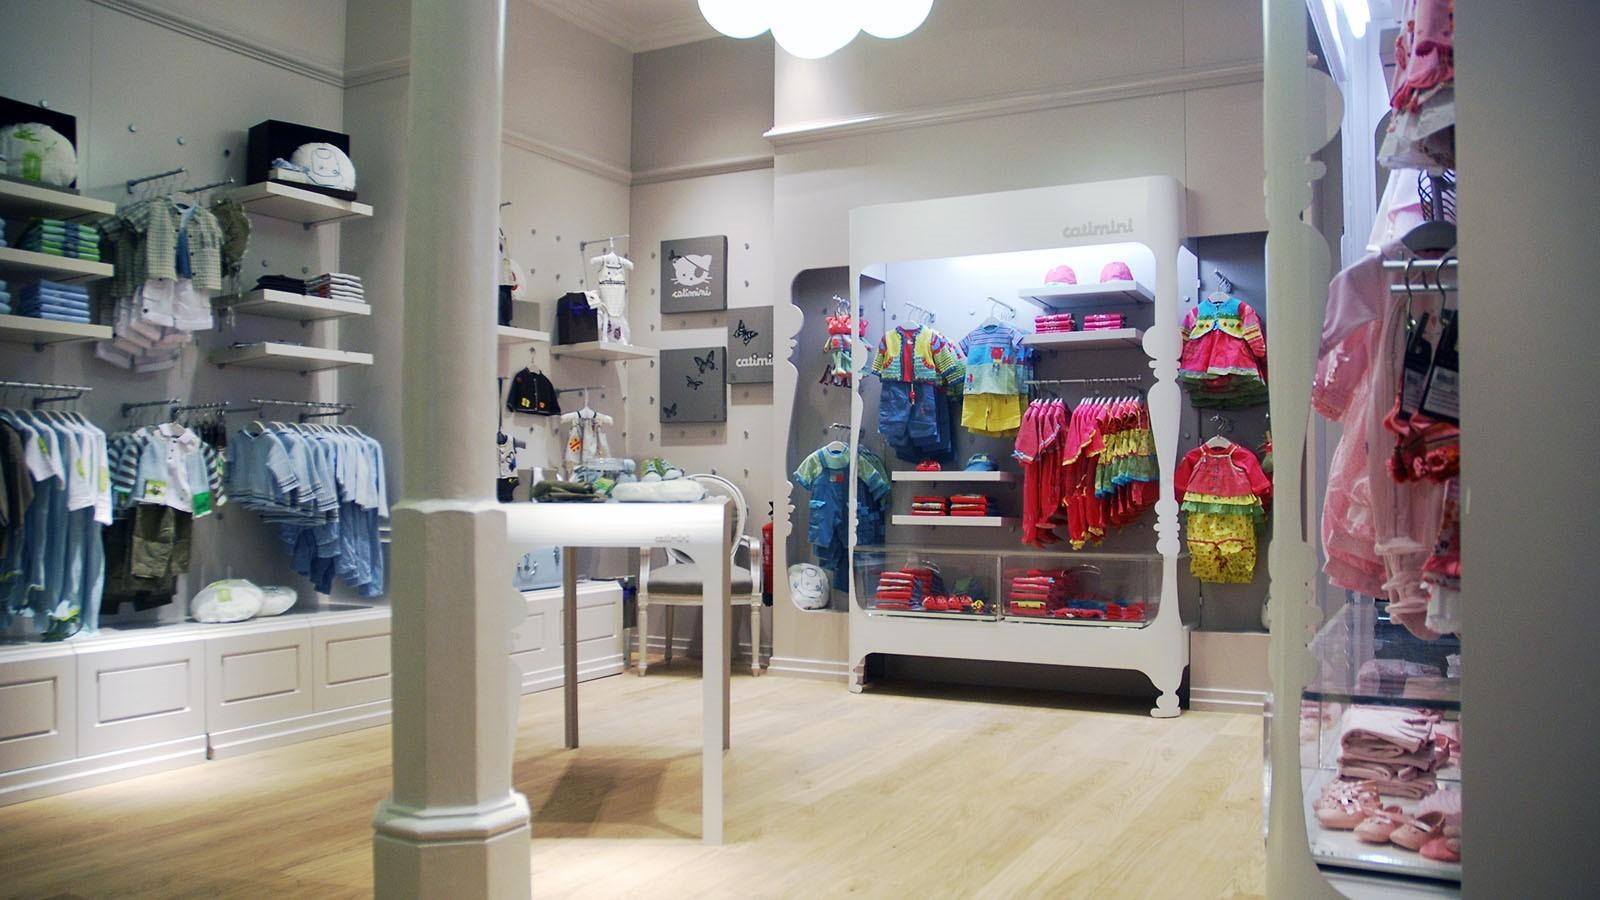 Boutique Catimini Barcelone Efi Design (1)